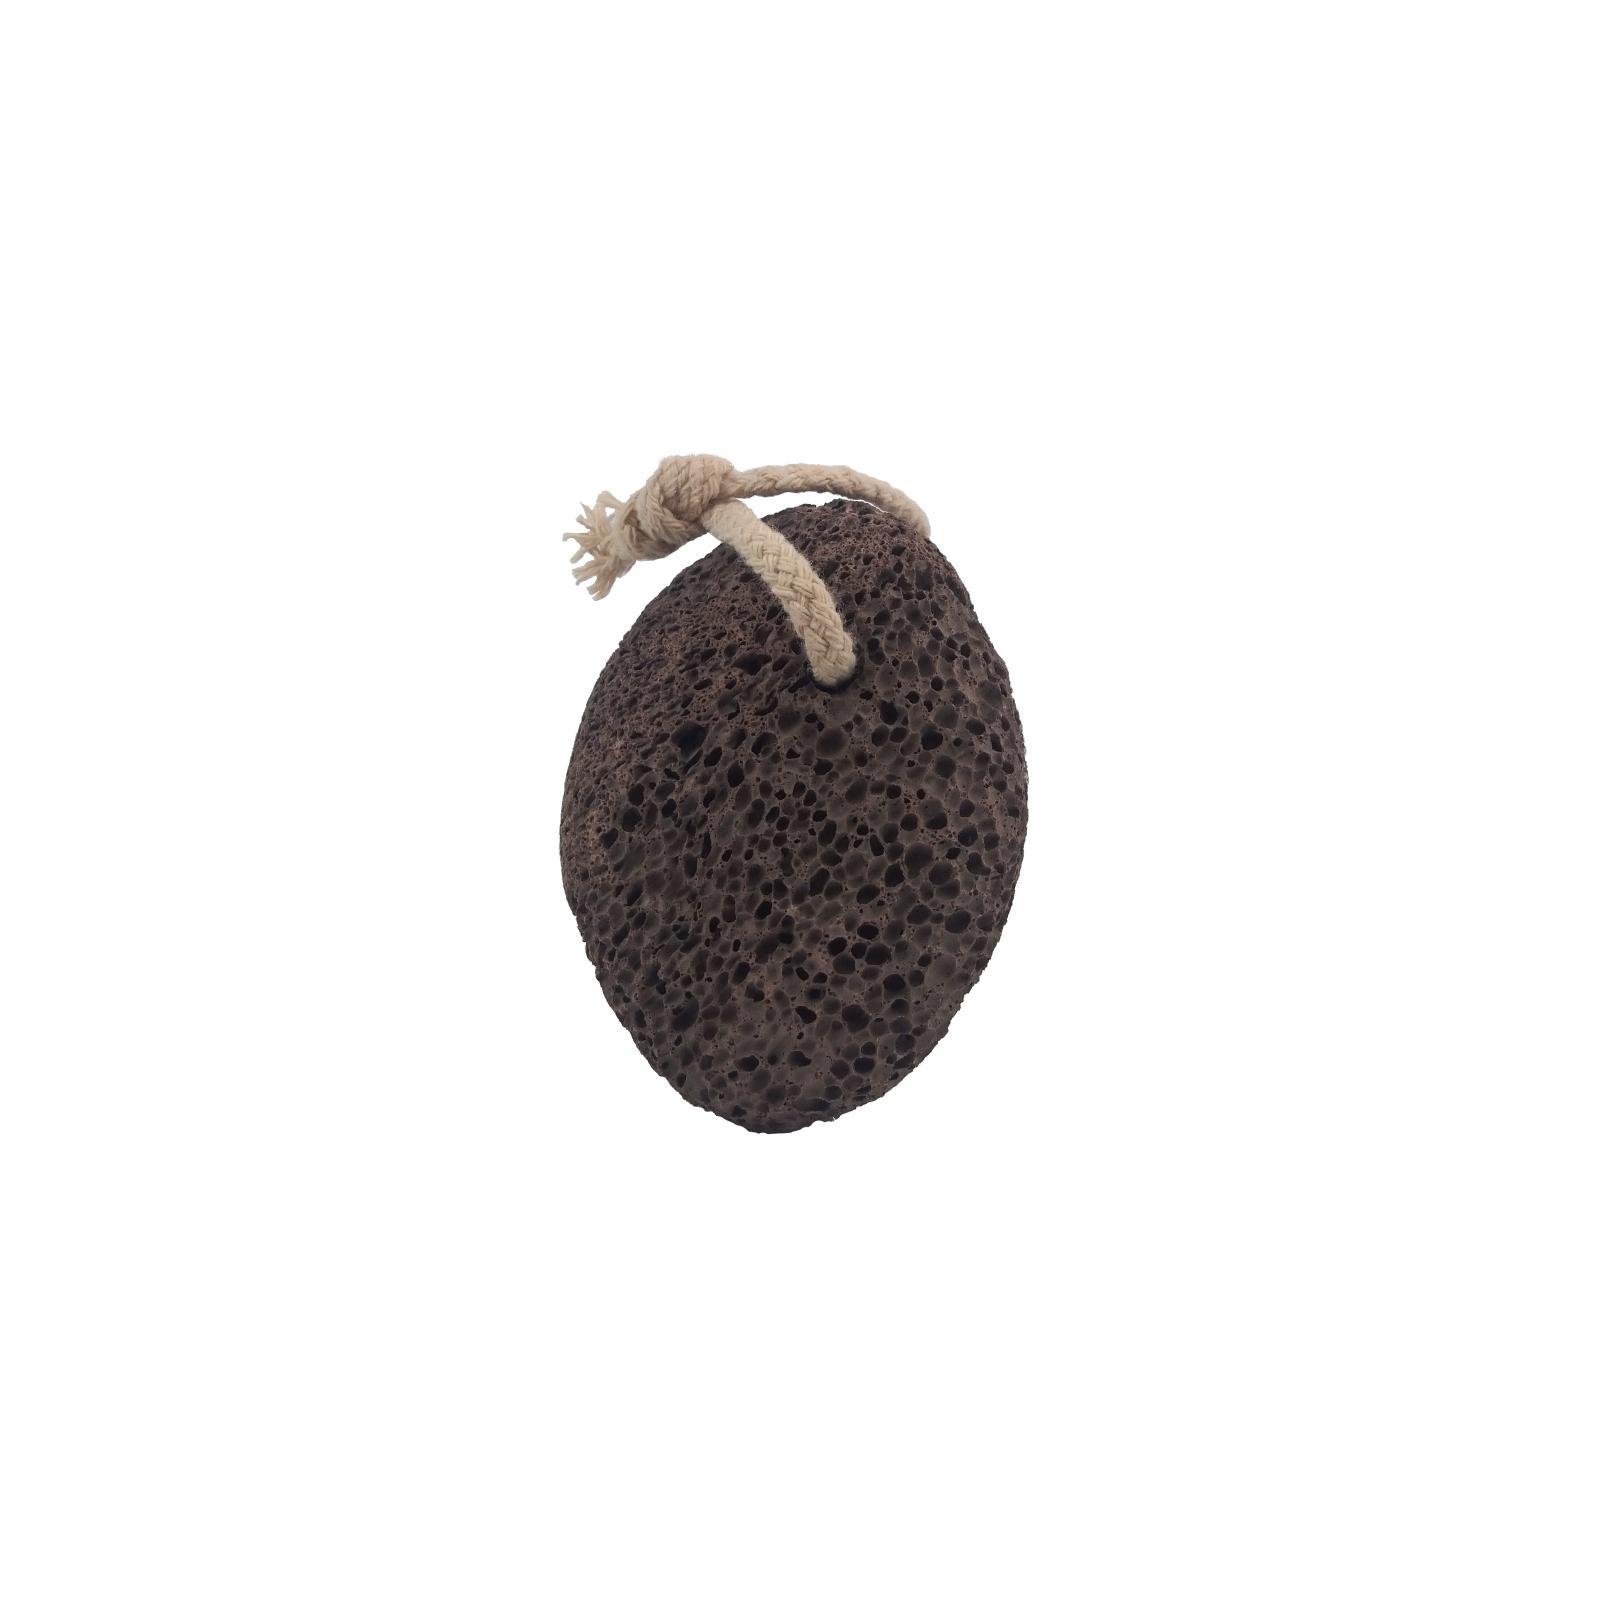 Sponge Traders Pemza vulkanická hnědá s provázkem 1 ks